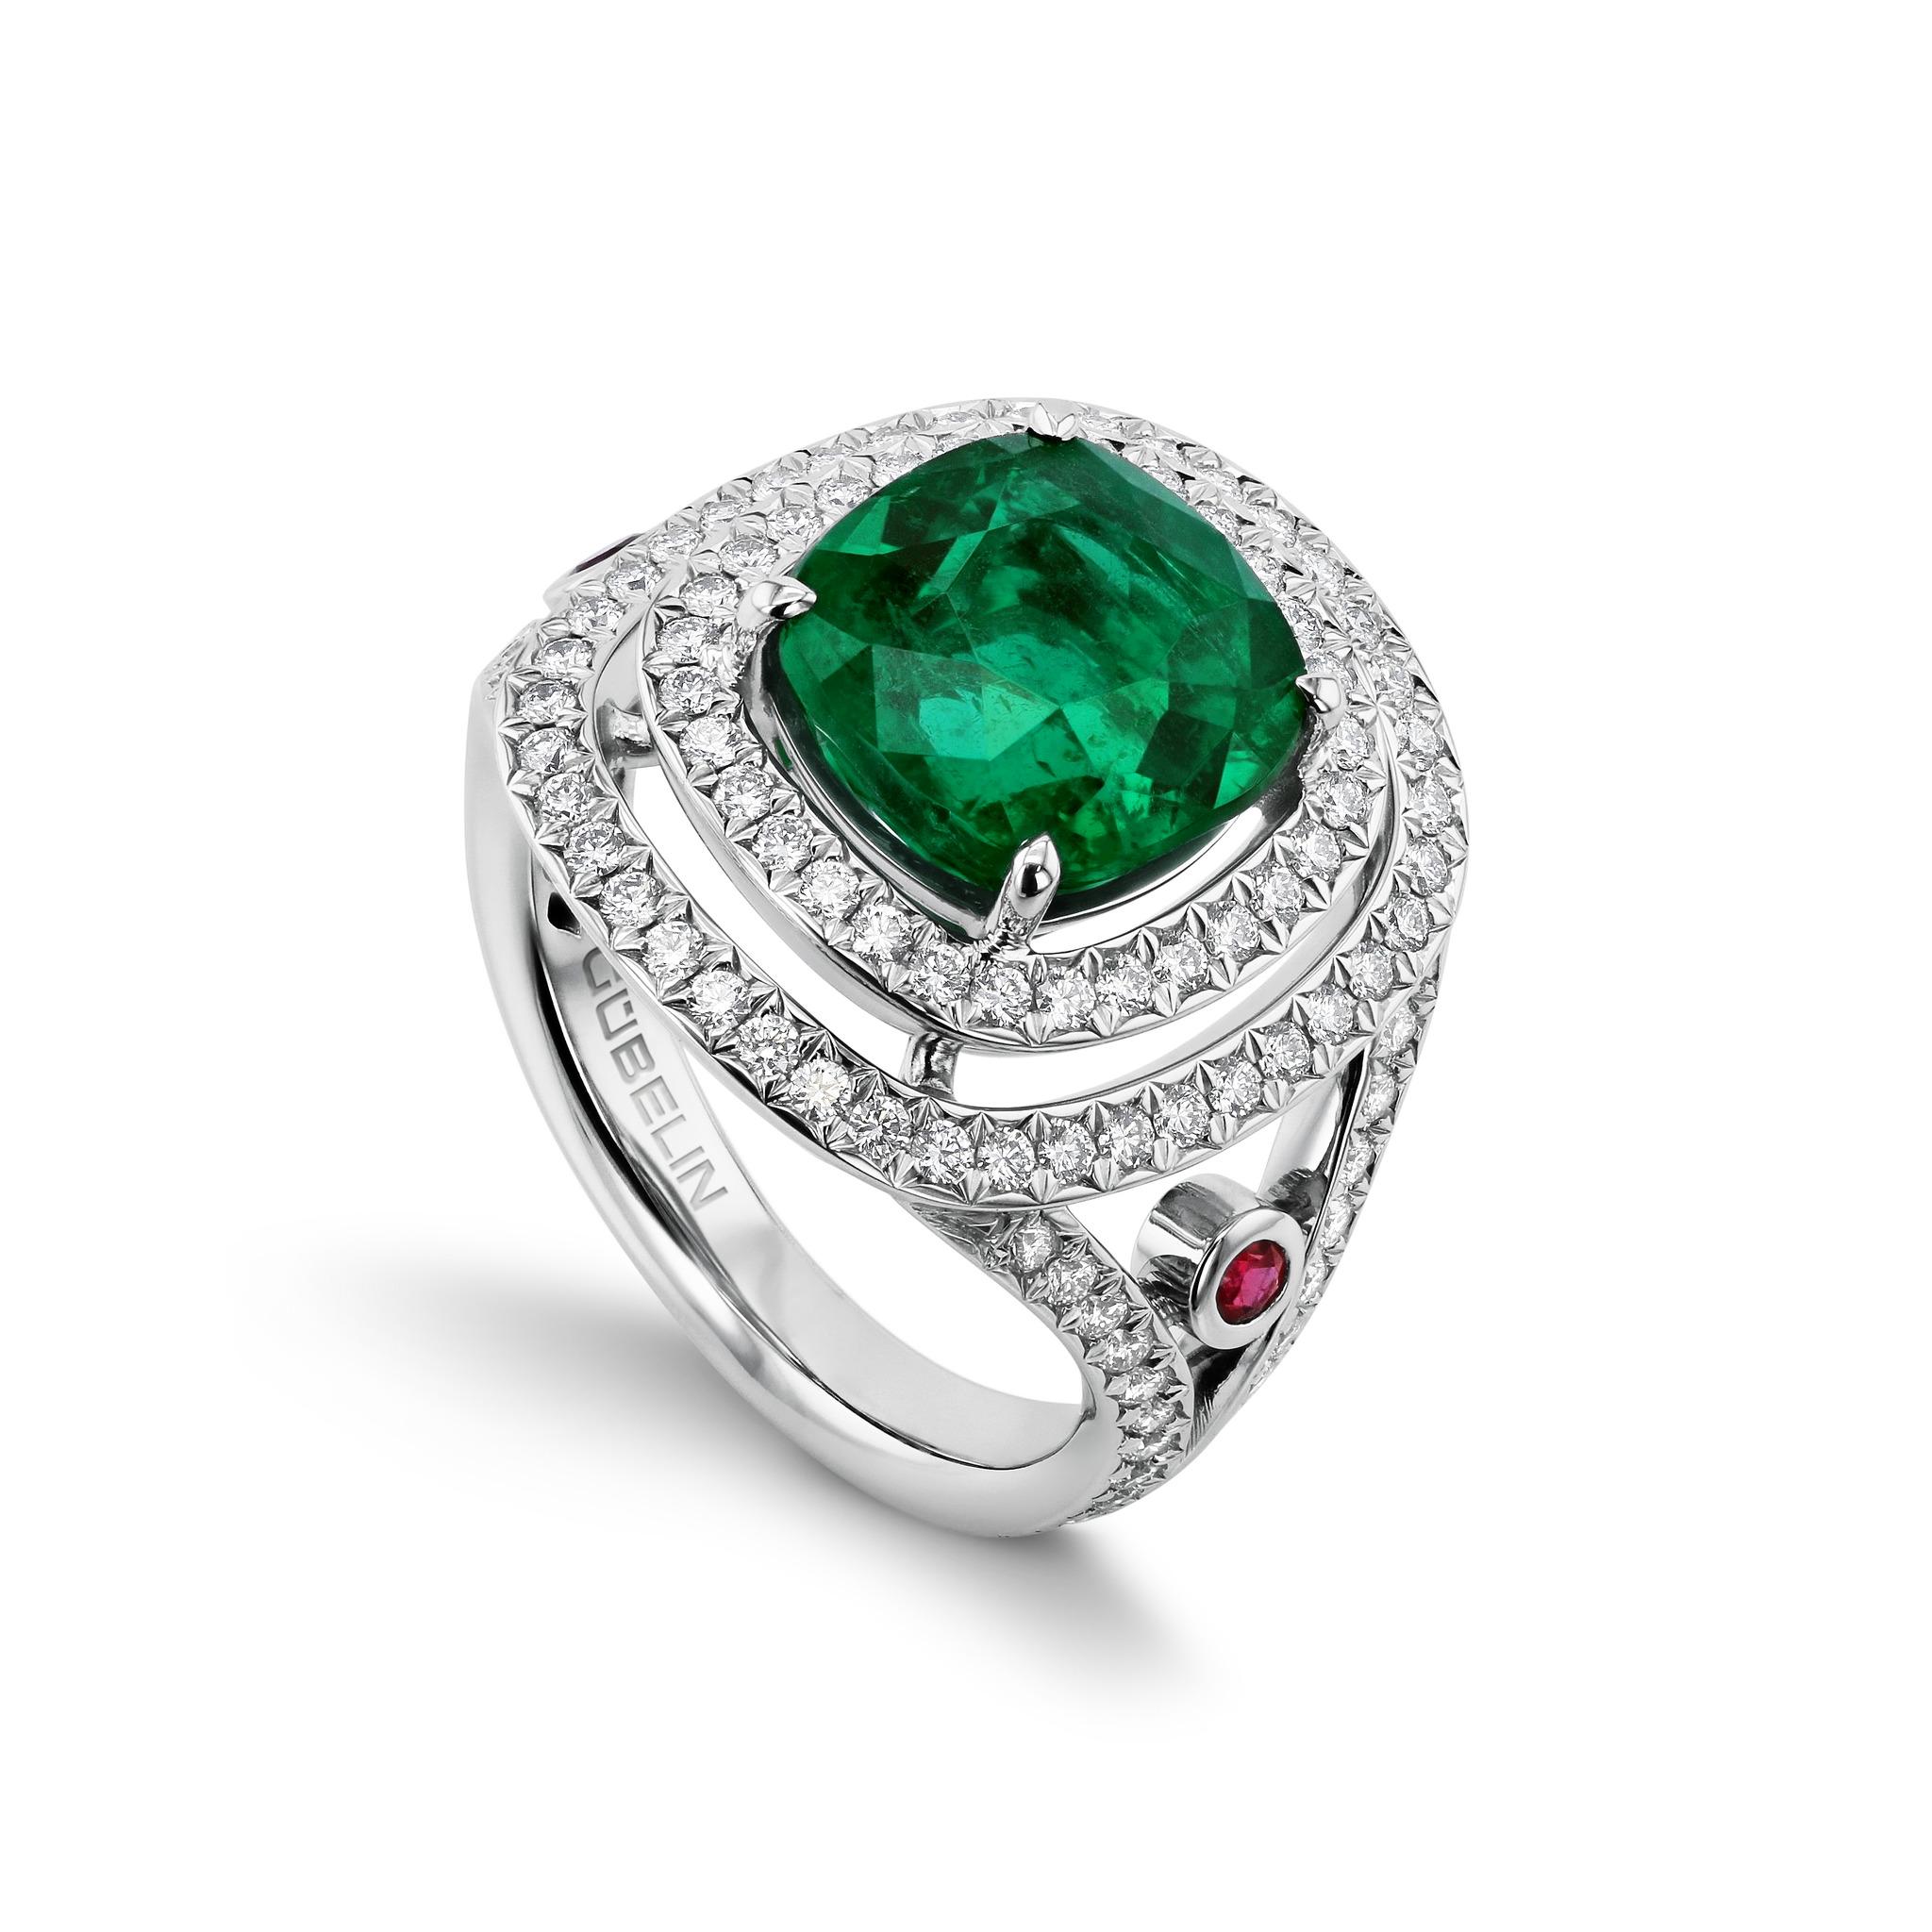 祖母绿耳环